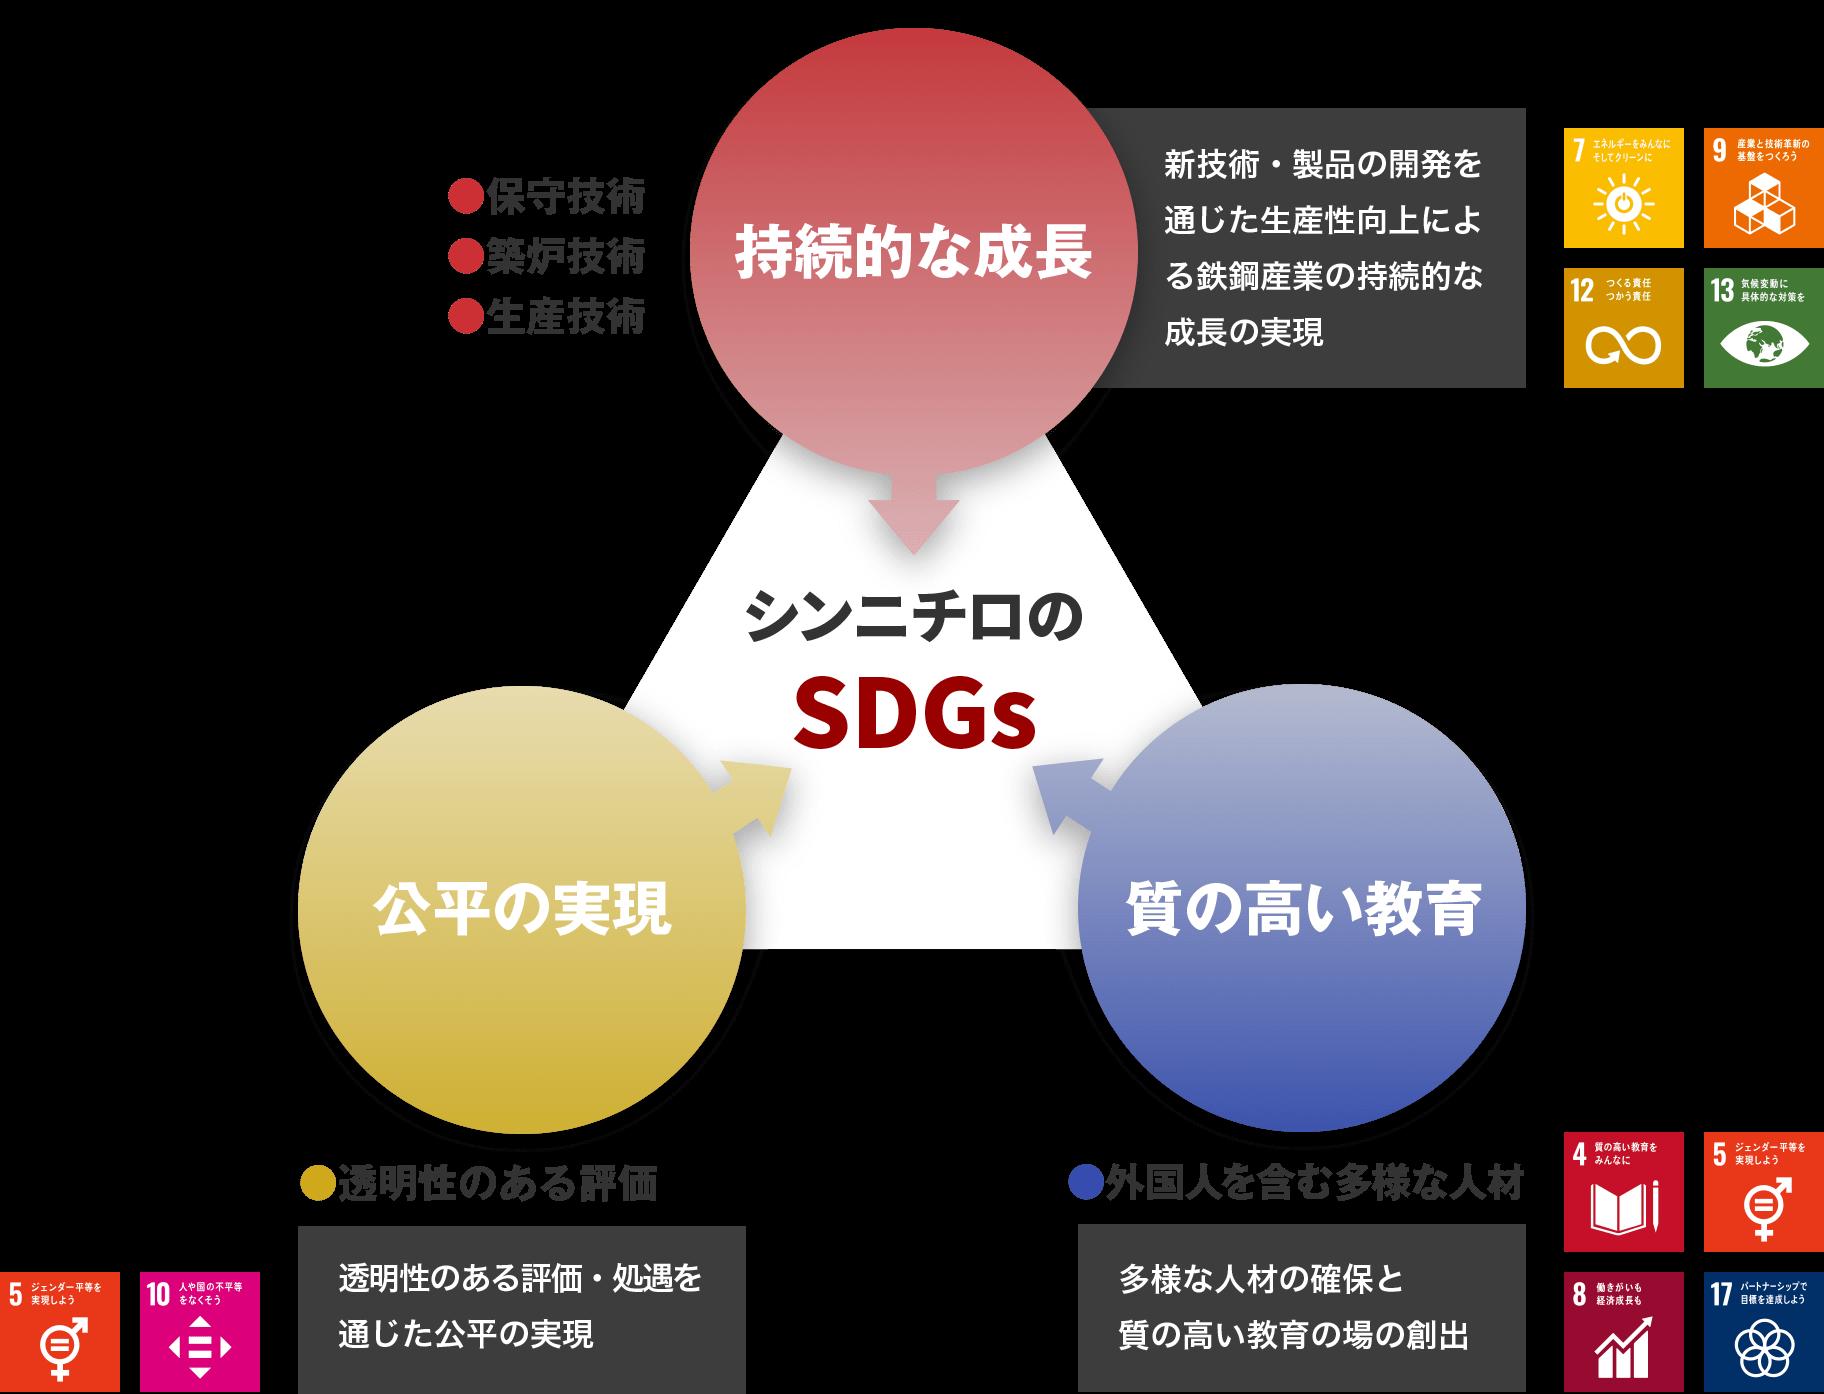 シンニチロのSDGs